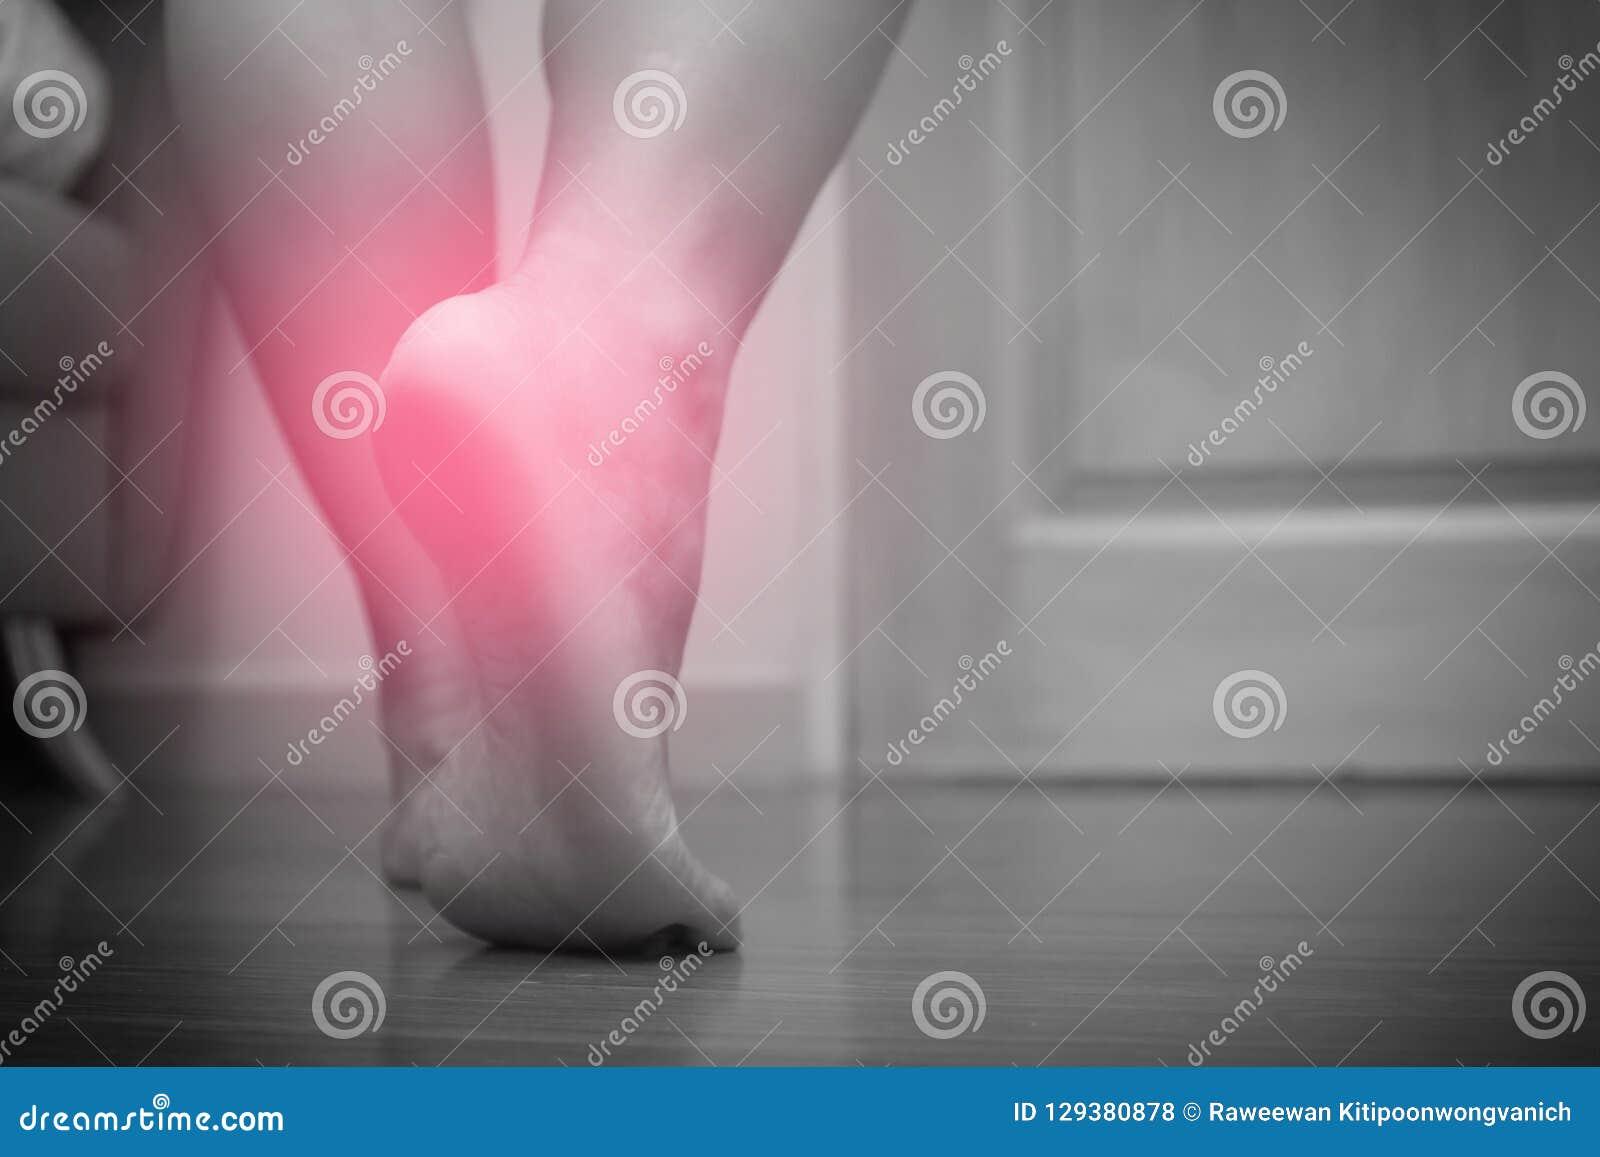 Primo piano di dolore femminile del tallone del piede destro, con il punto rosso, fascite plantari Tono in bianco e nero